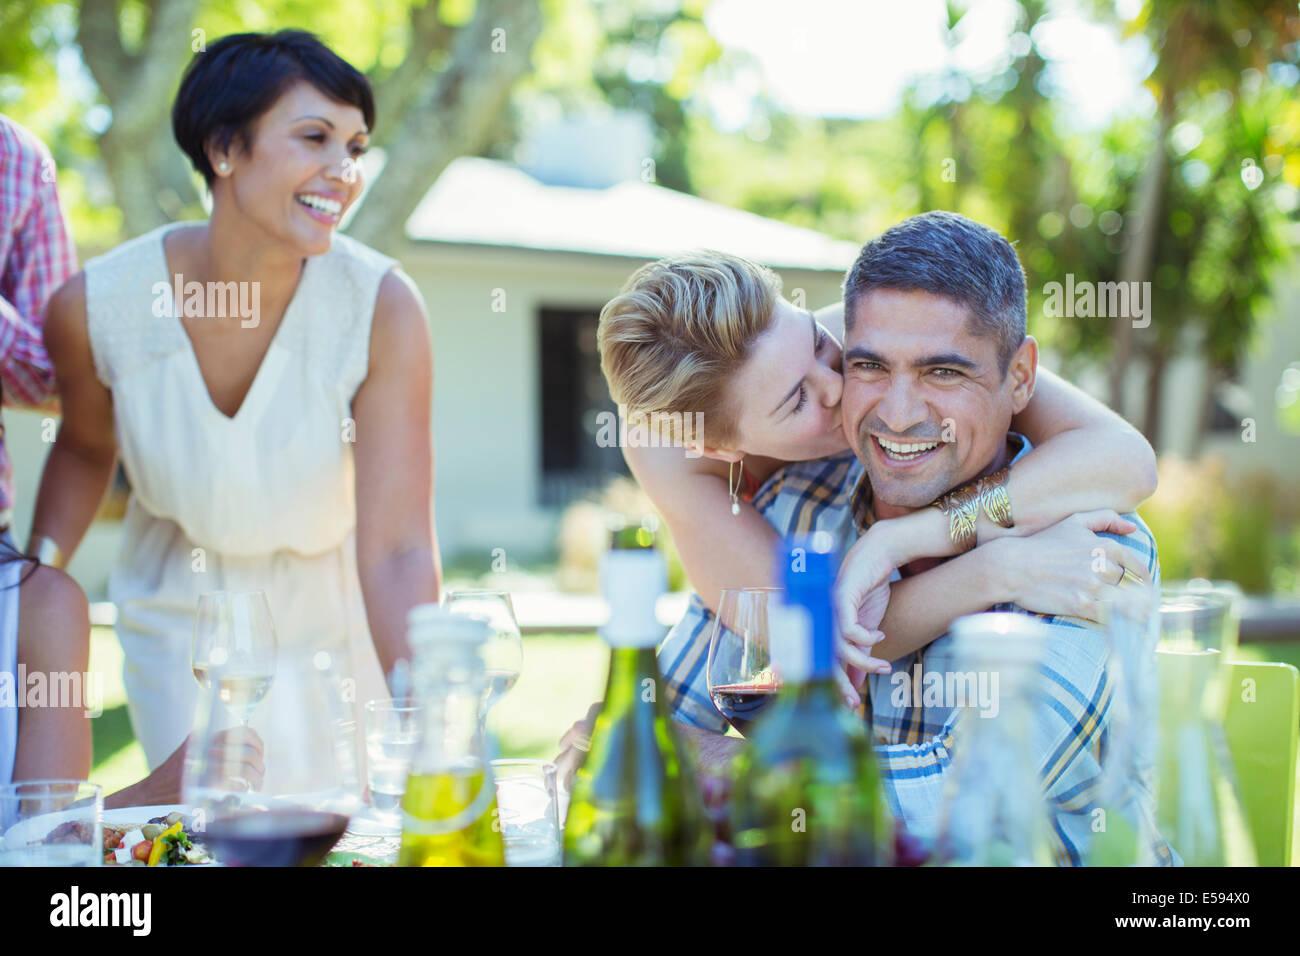 Giovane kissing a tavola all'aperto Immagini Stock